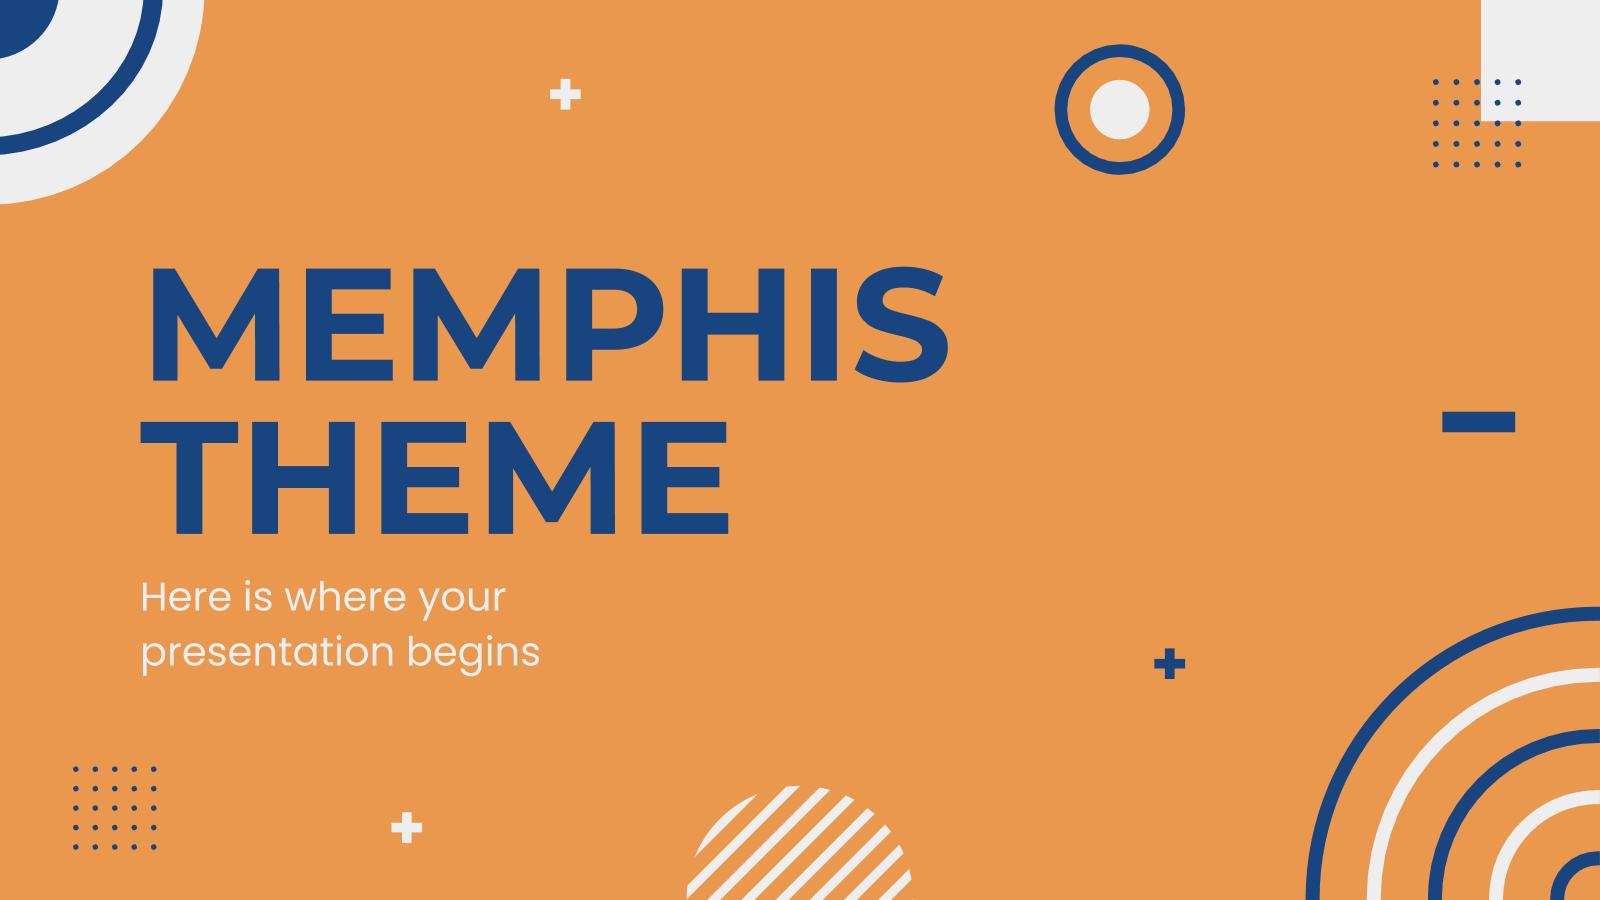 Modelo de apresentação Temas Mephis